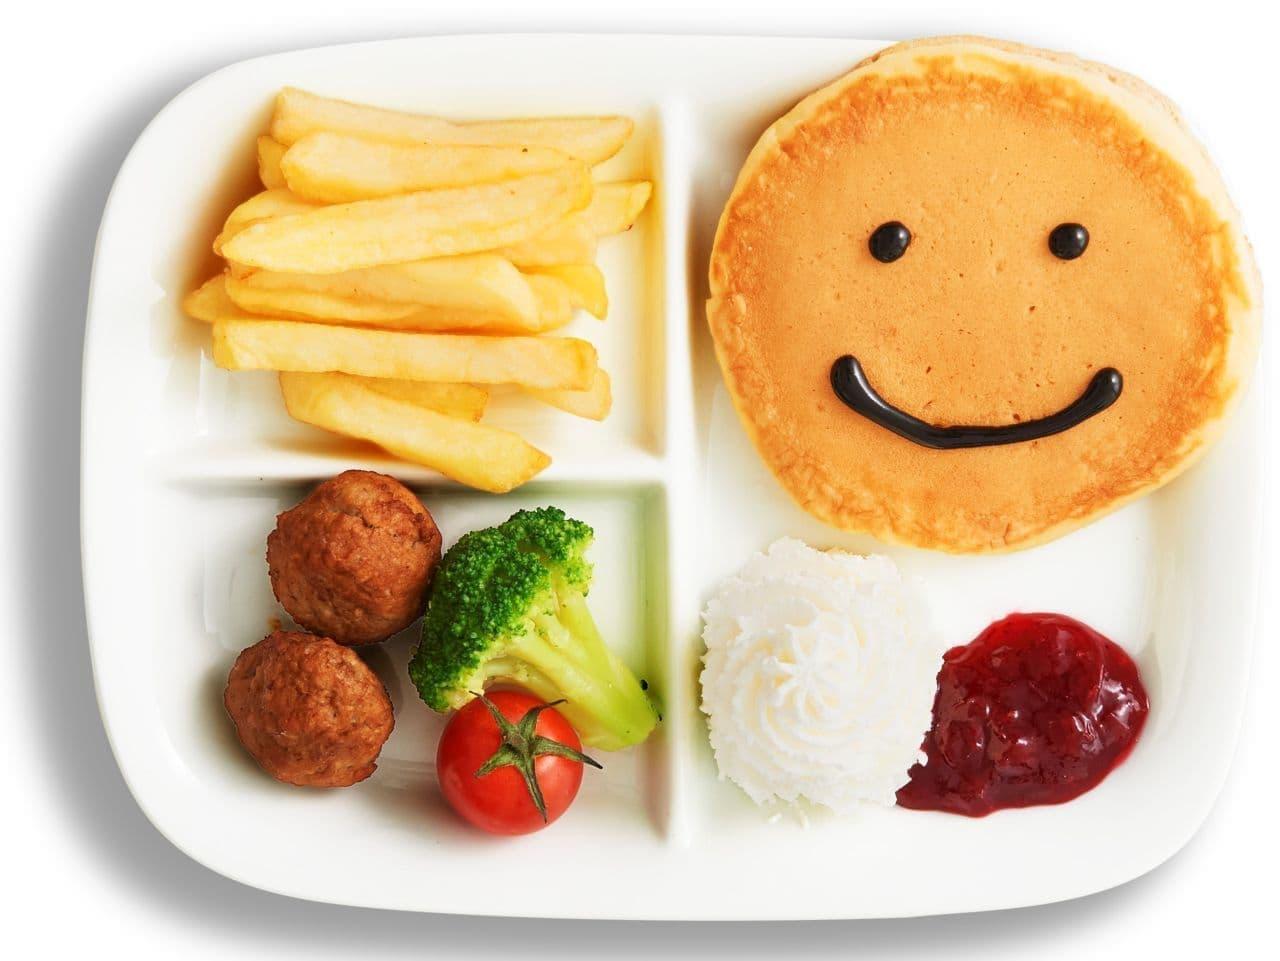 イケアレストラン「キッズパンケーキプレート(ゼリー付き)」